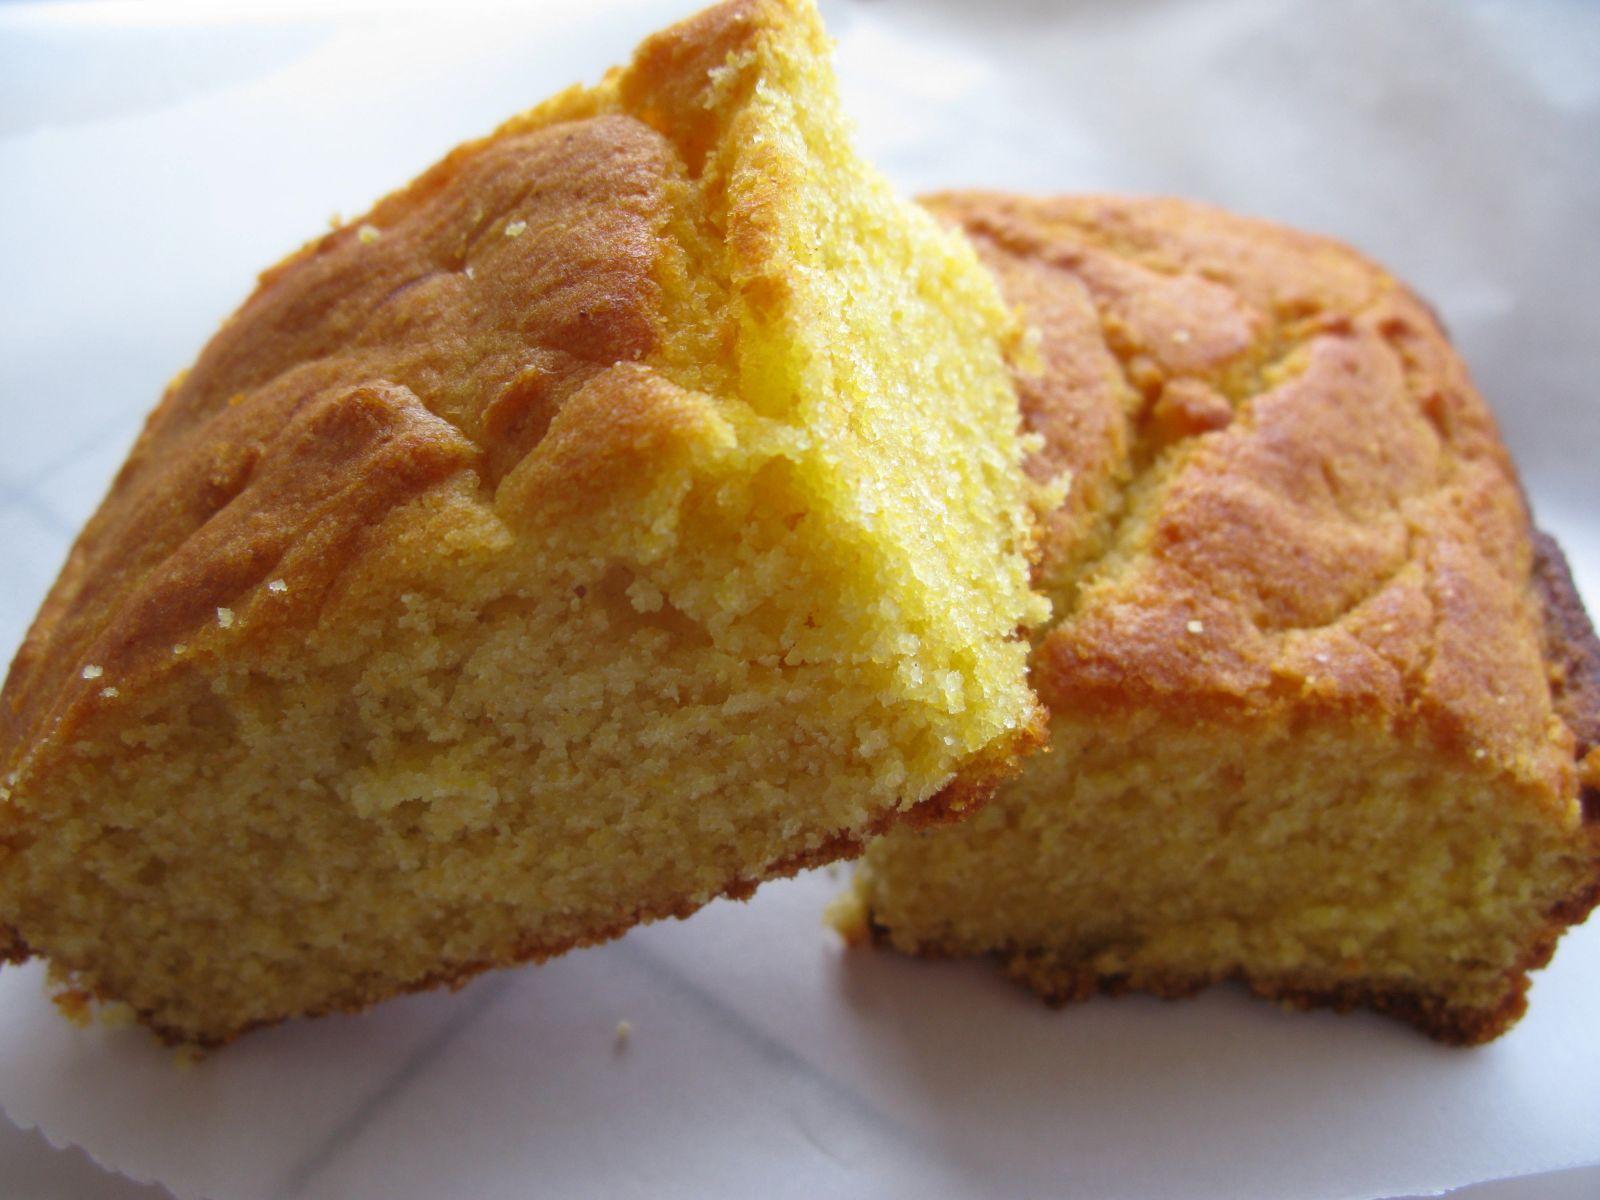 Baking 4